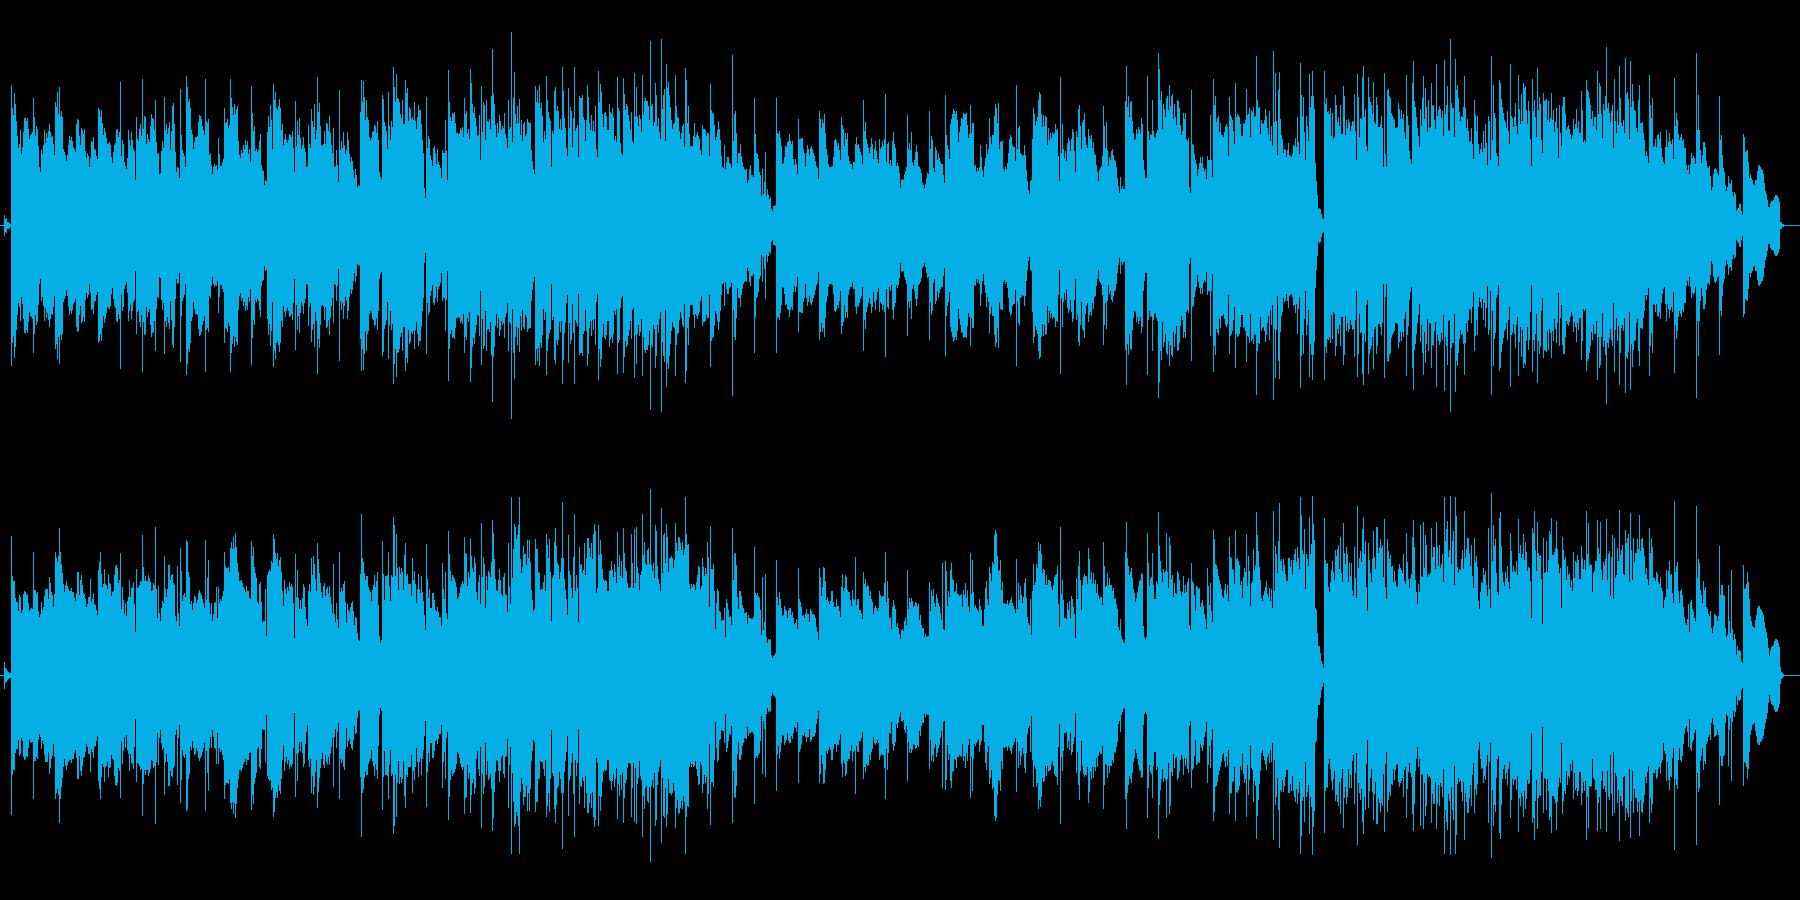 ギター系音色の切なげなポップスの再生済みの波形